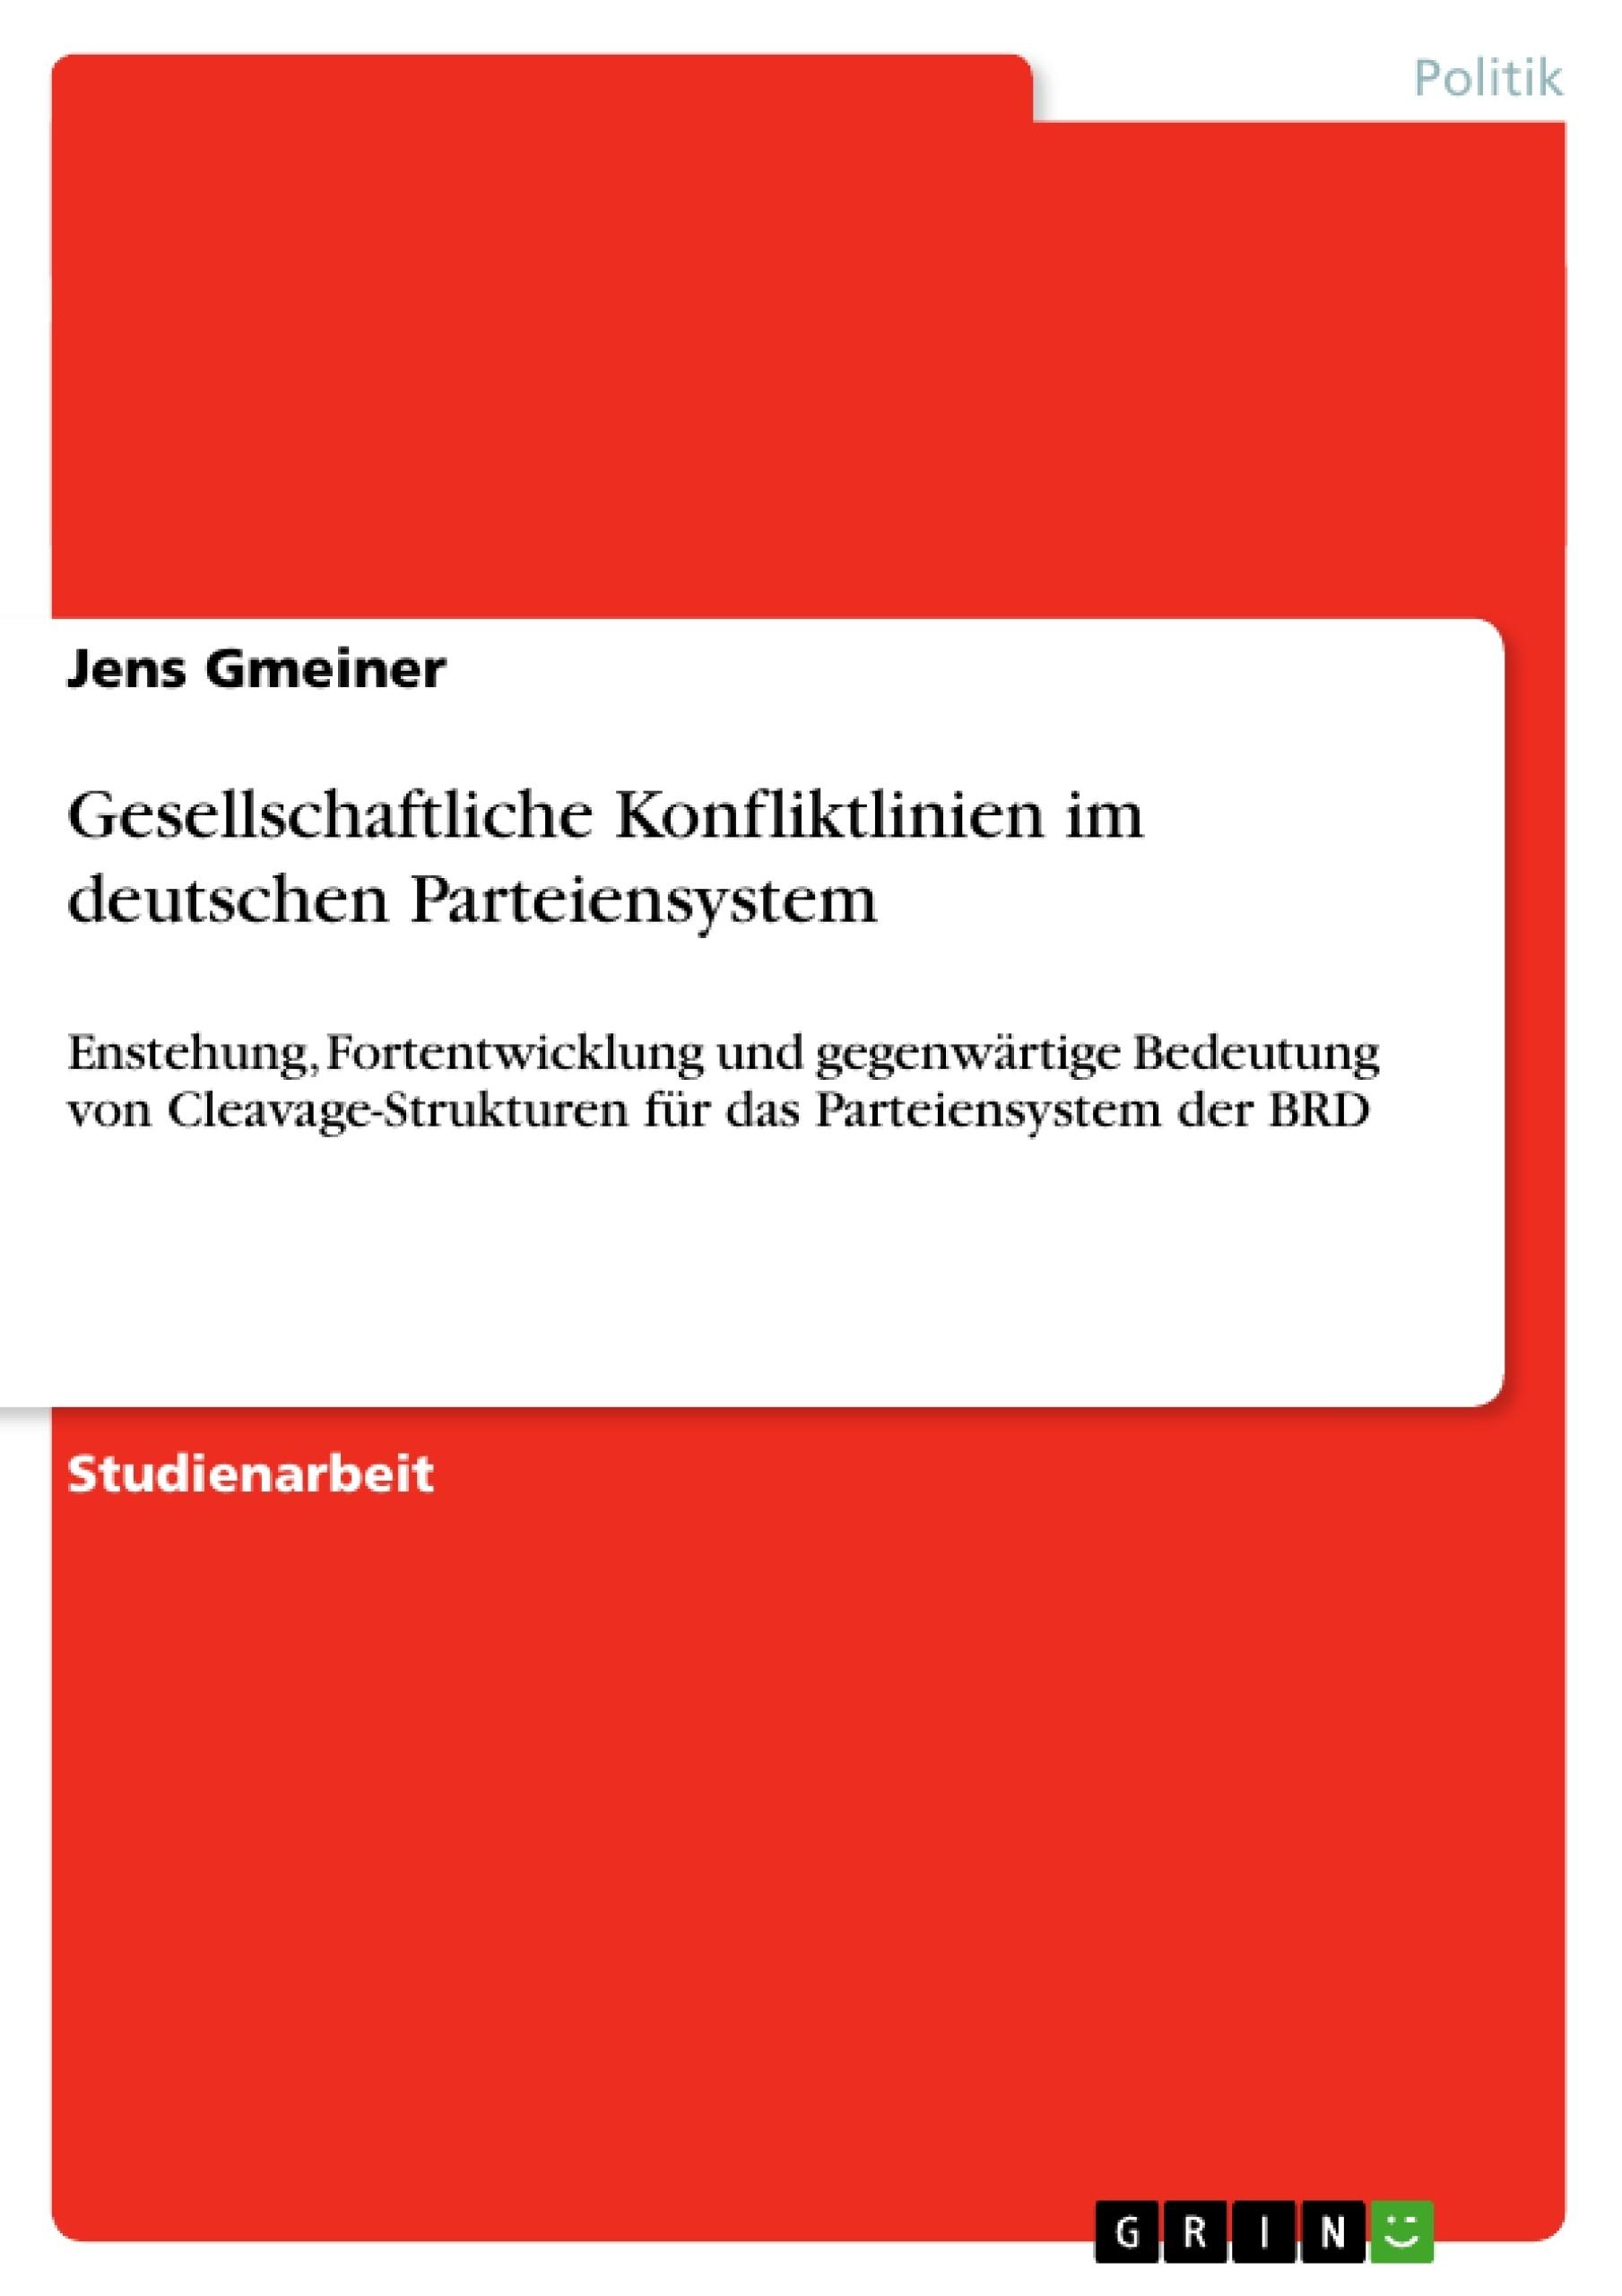 Titel: Gesellschaftliche Konfliktlinien im deutschen Parteiensystem